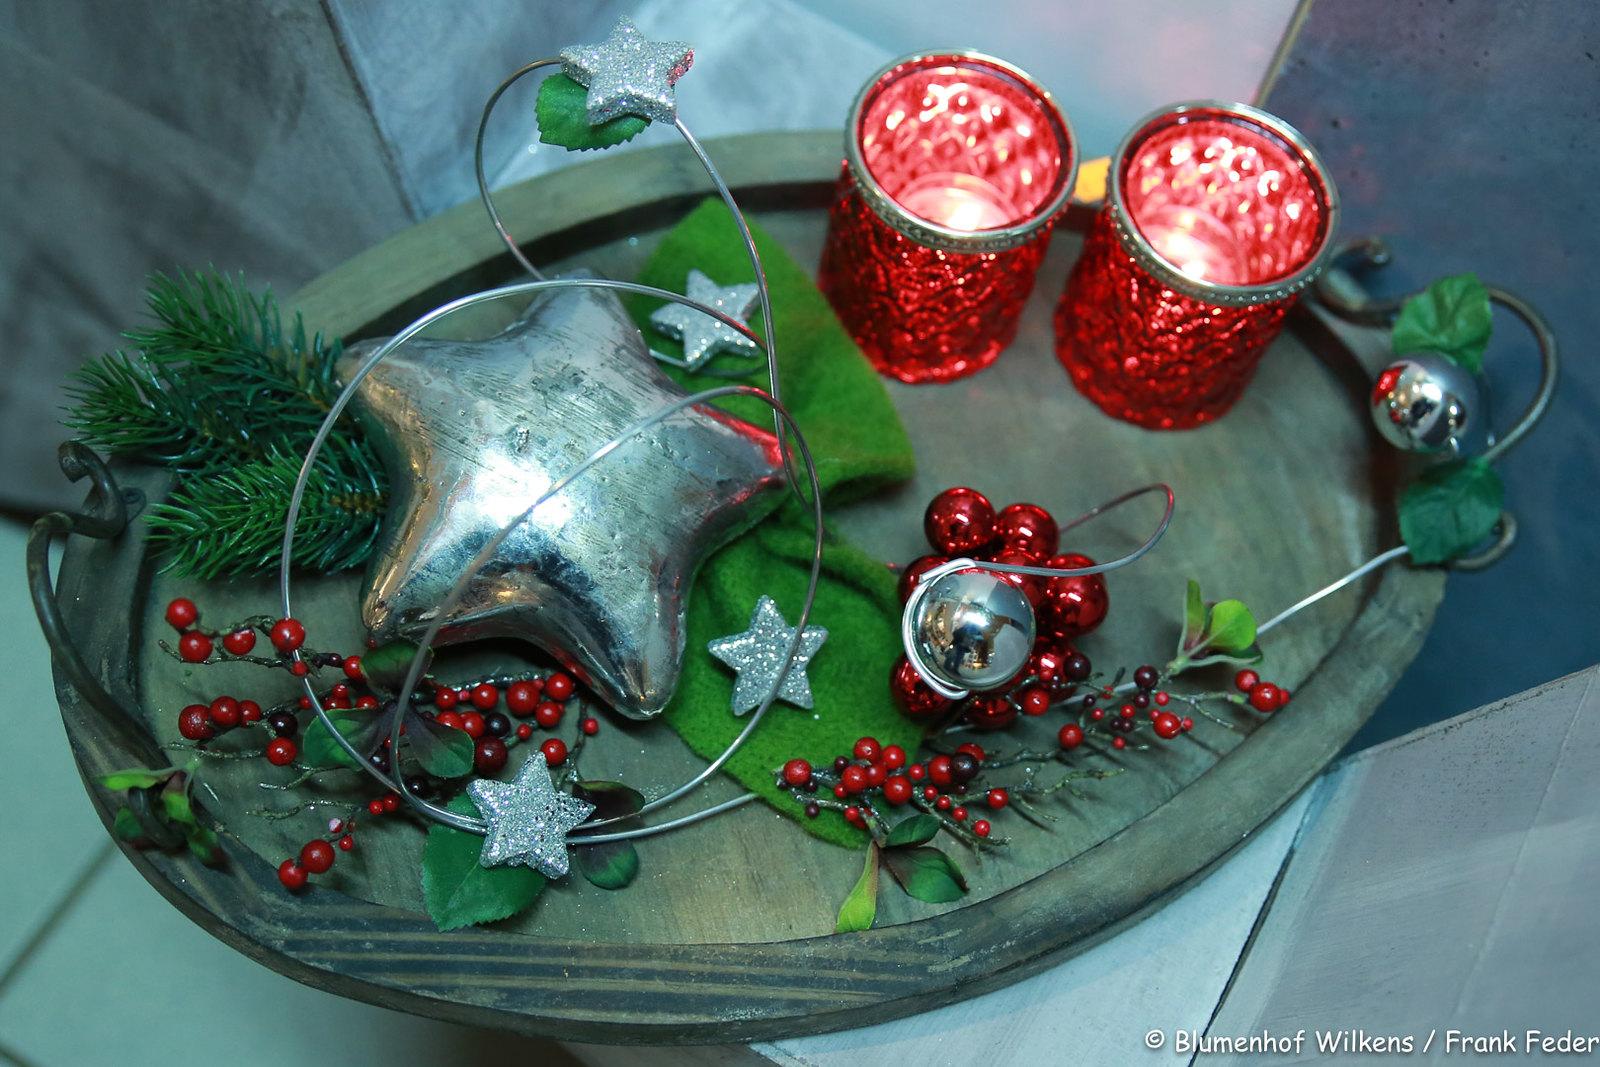 Weihnachten Blumenhof Wilkens 2017 11 17 0032